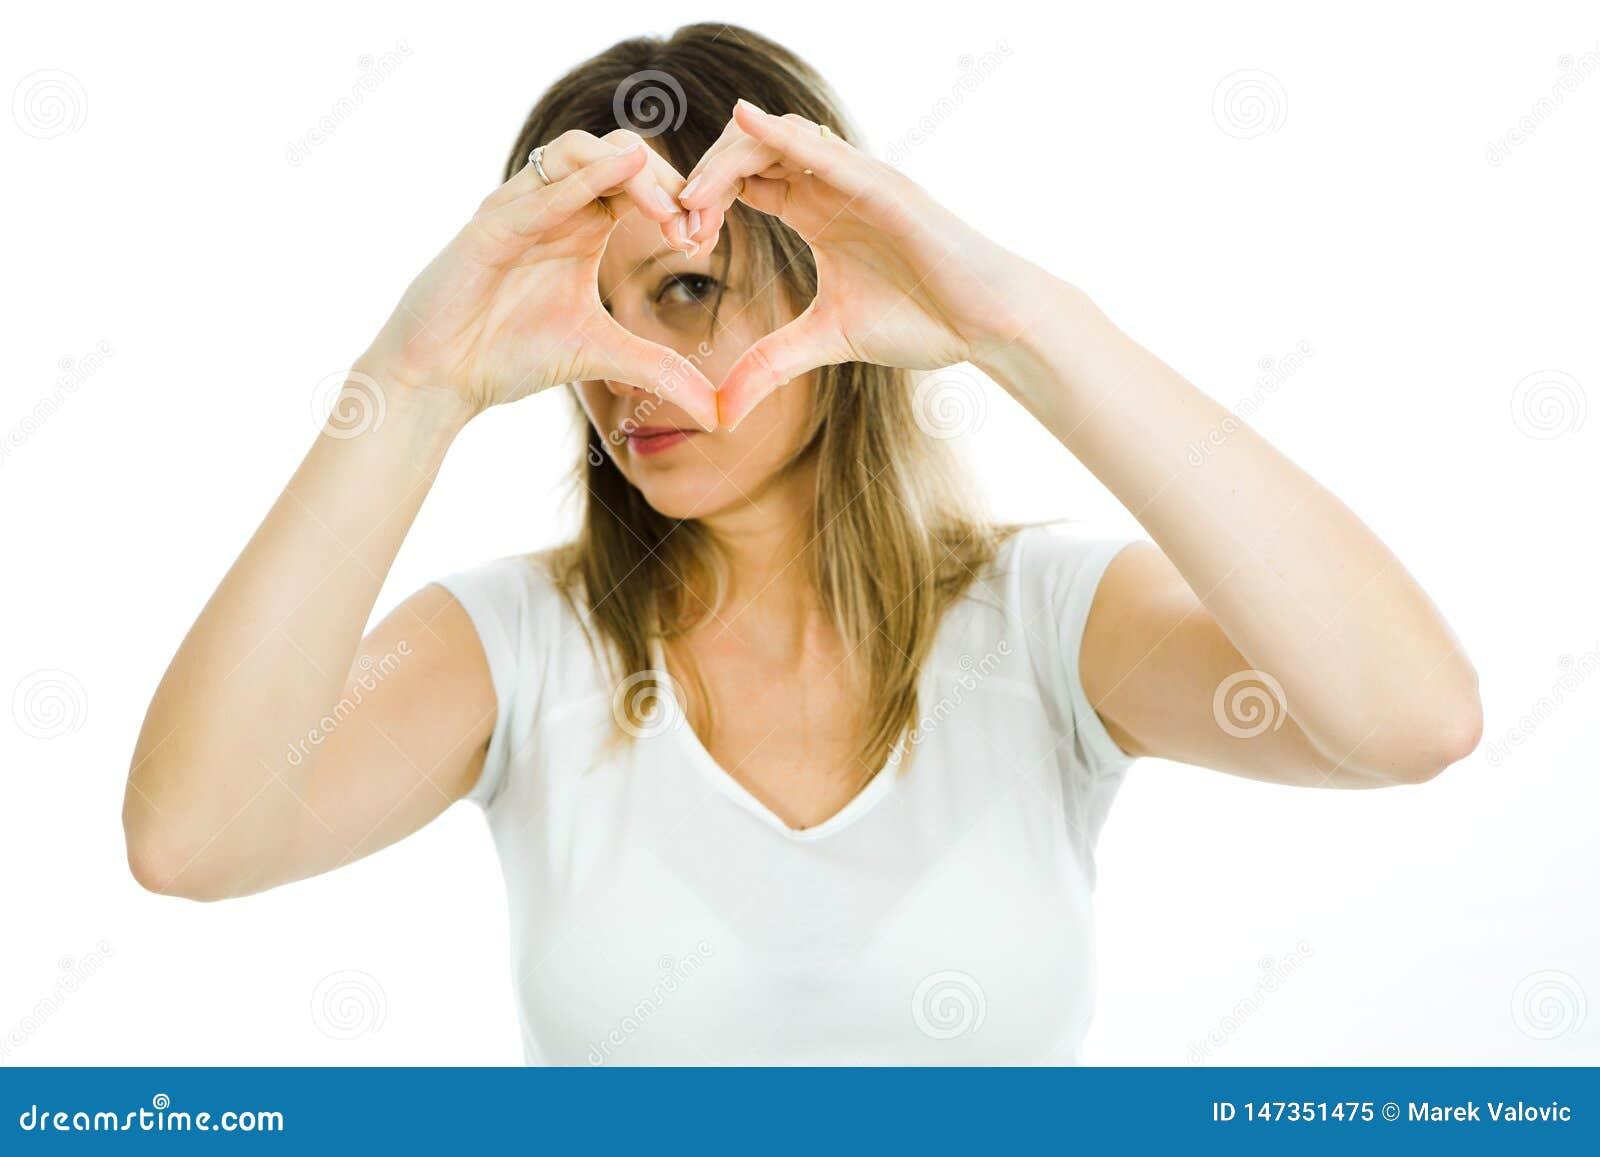 La donna bionda mostra la forma del cuore con le mani - guardando attraverso il cuore - simbolo di amore